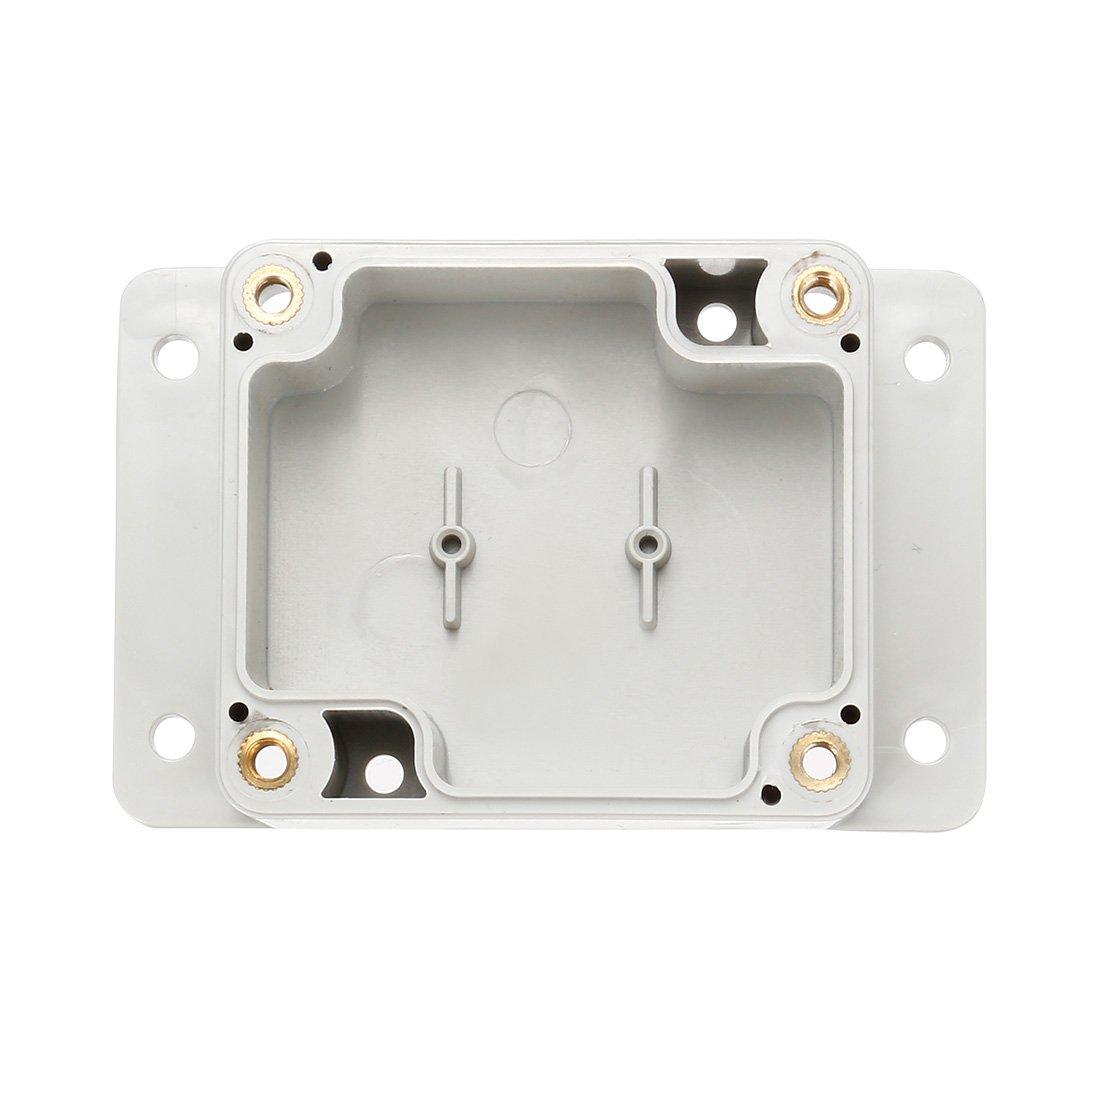 157/mm x 90/mm x 40/mm Wasserdicht Kunststoff Power Abzweigdose umschlie/ßen Fall